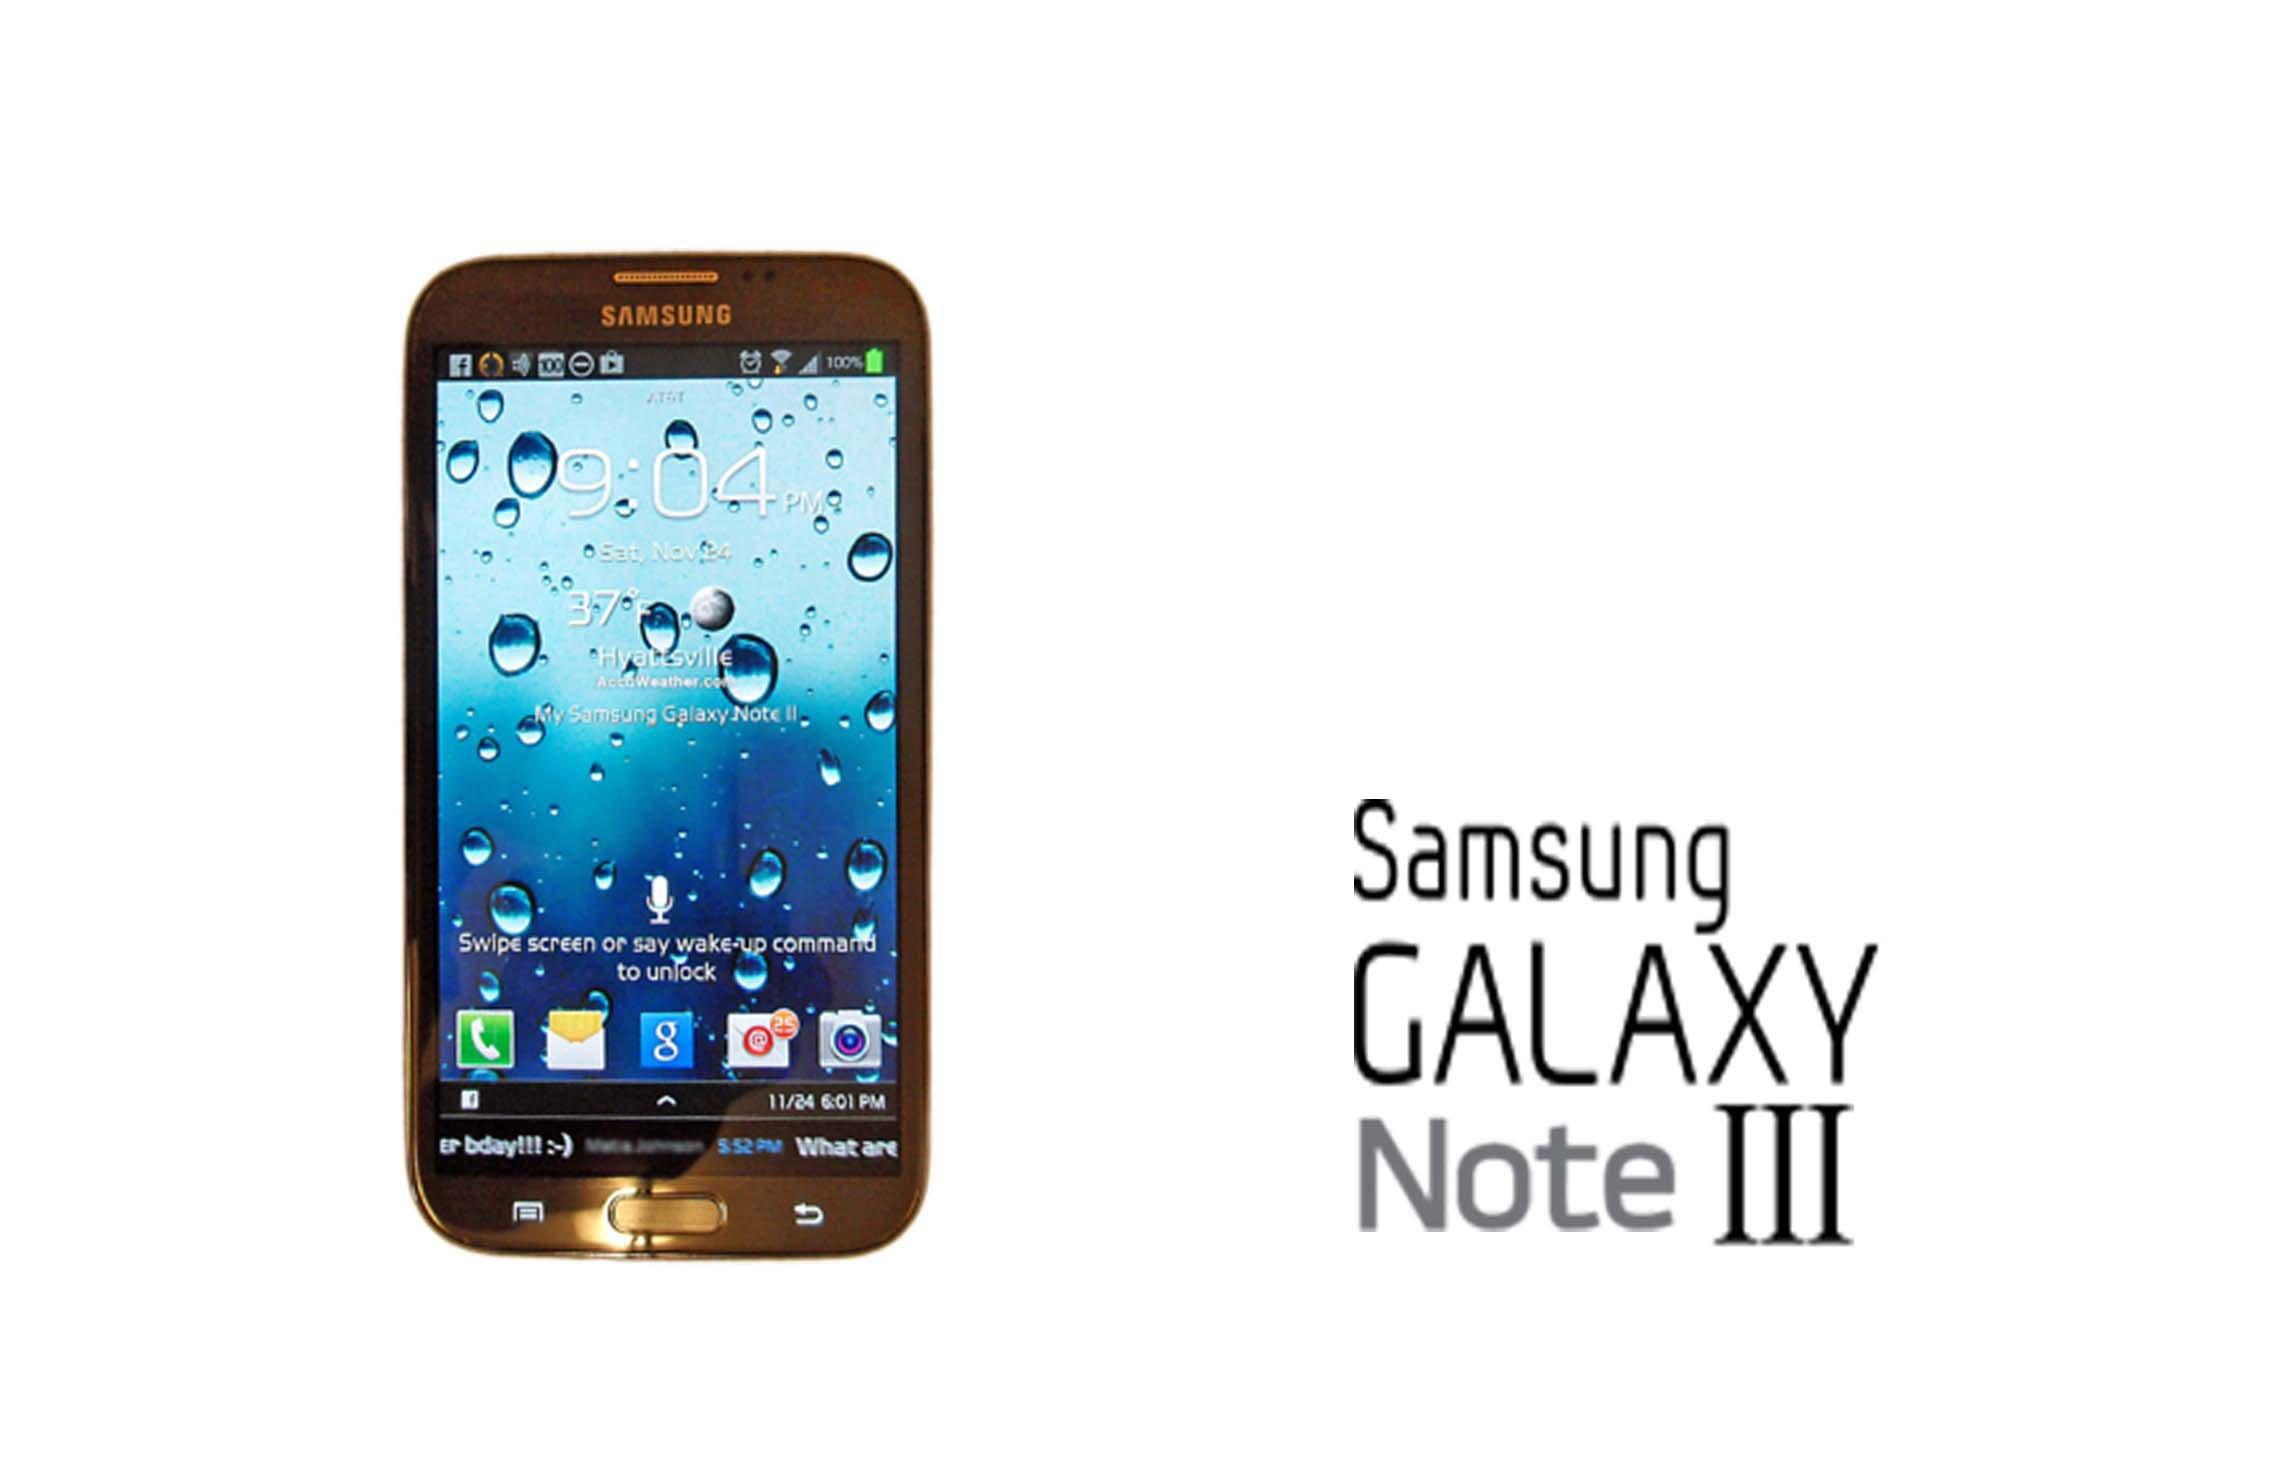 скачать картинки на телефон samsung: